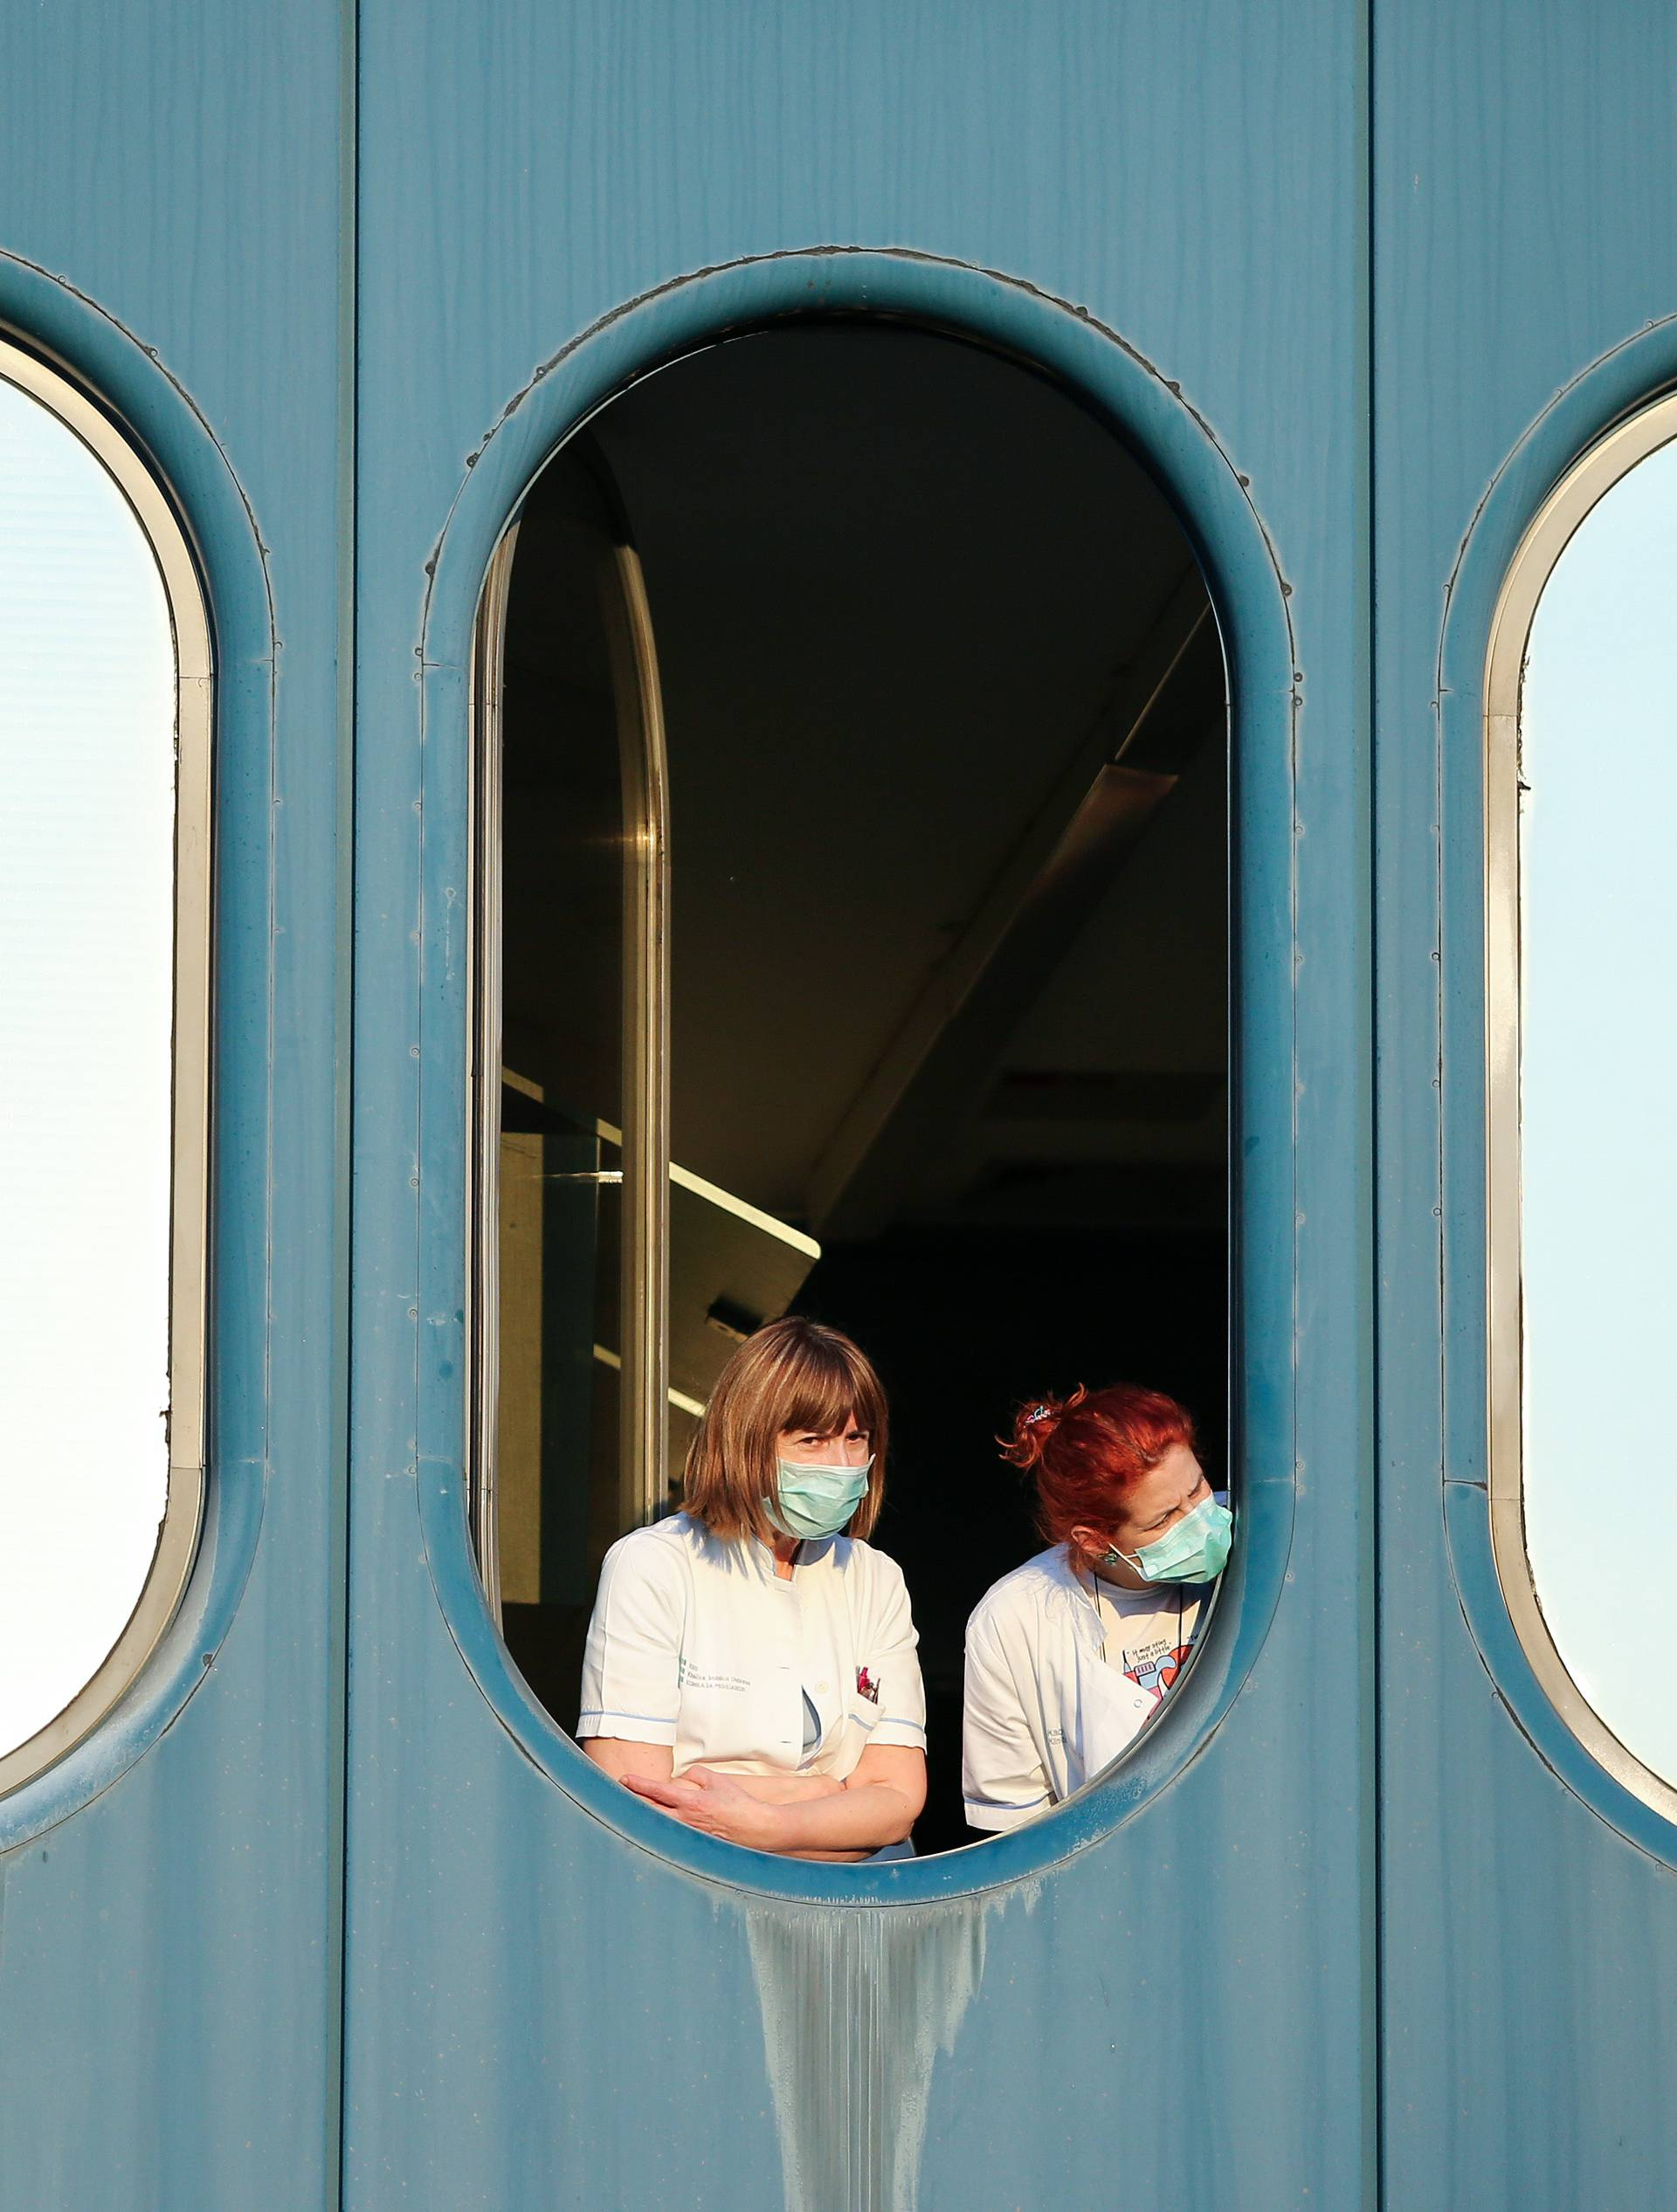 Zagreb: Medicinsko osoblje KB Dubrava s zaštitinim maskama na licu prate iseljavanje bolnice